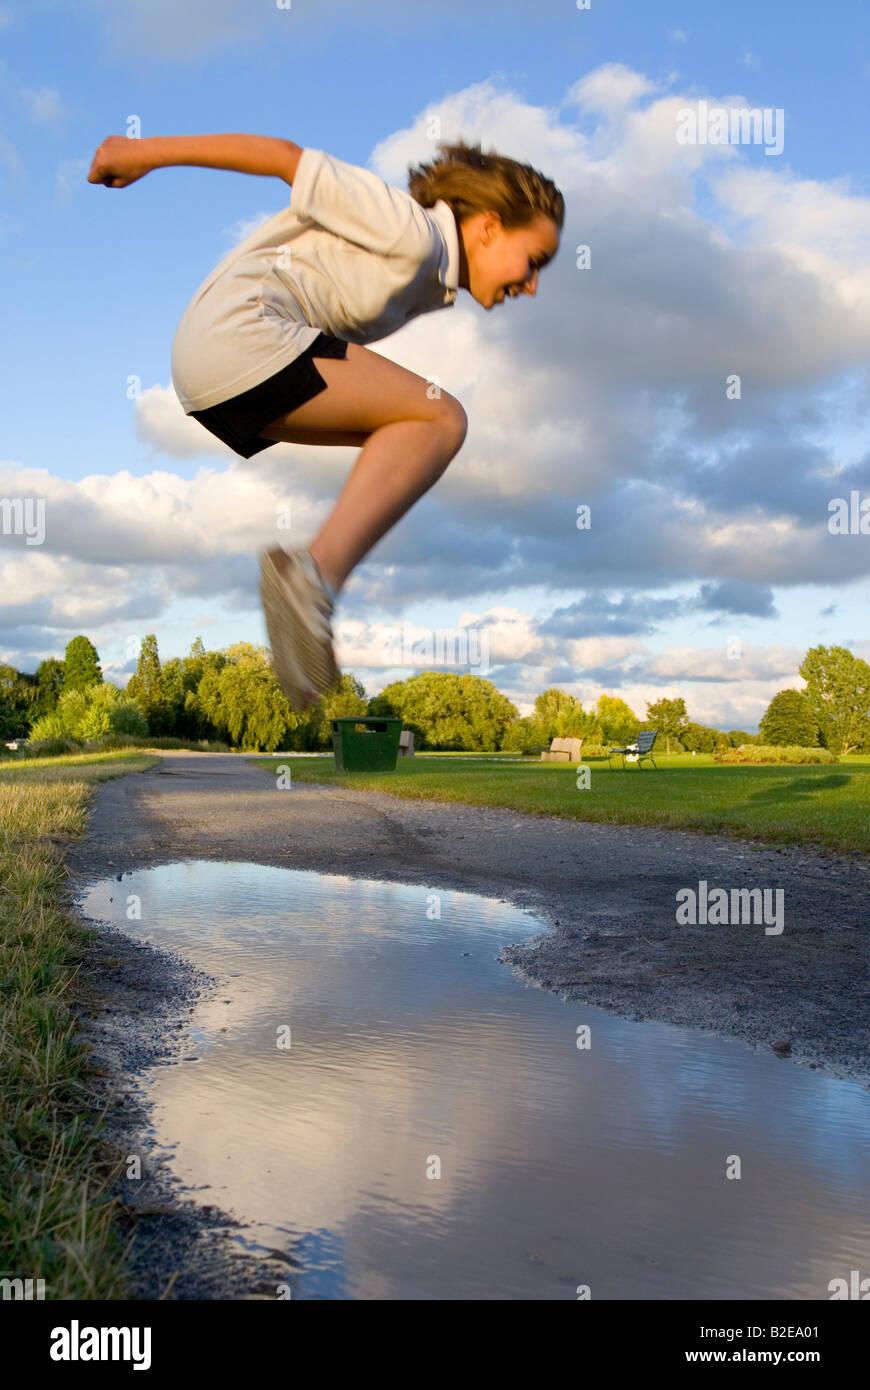 El perfil lateral de la niña saltando en el aire. Imagen De Stock